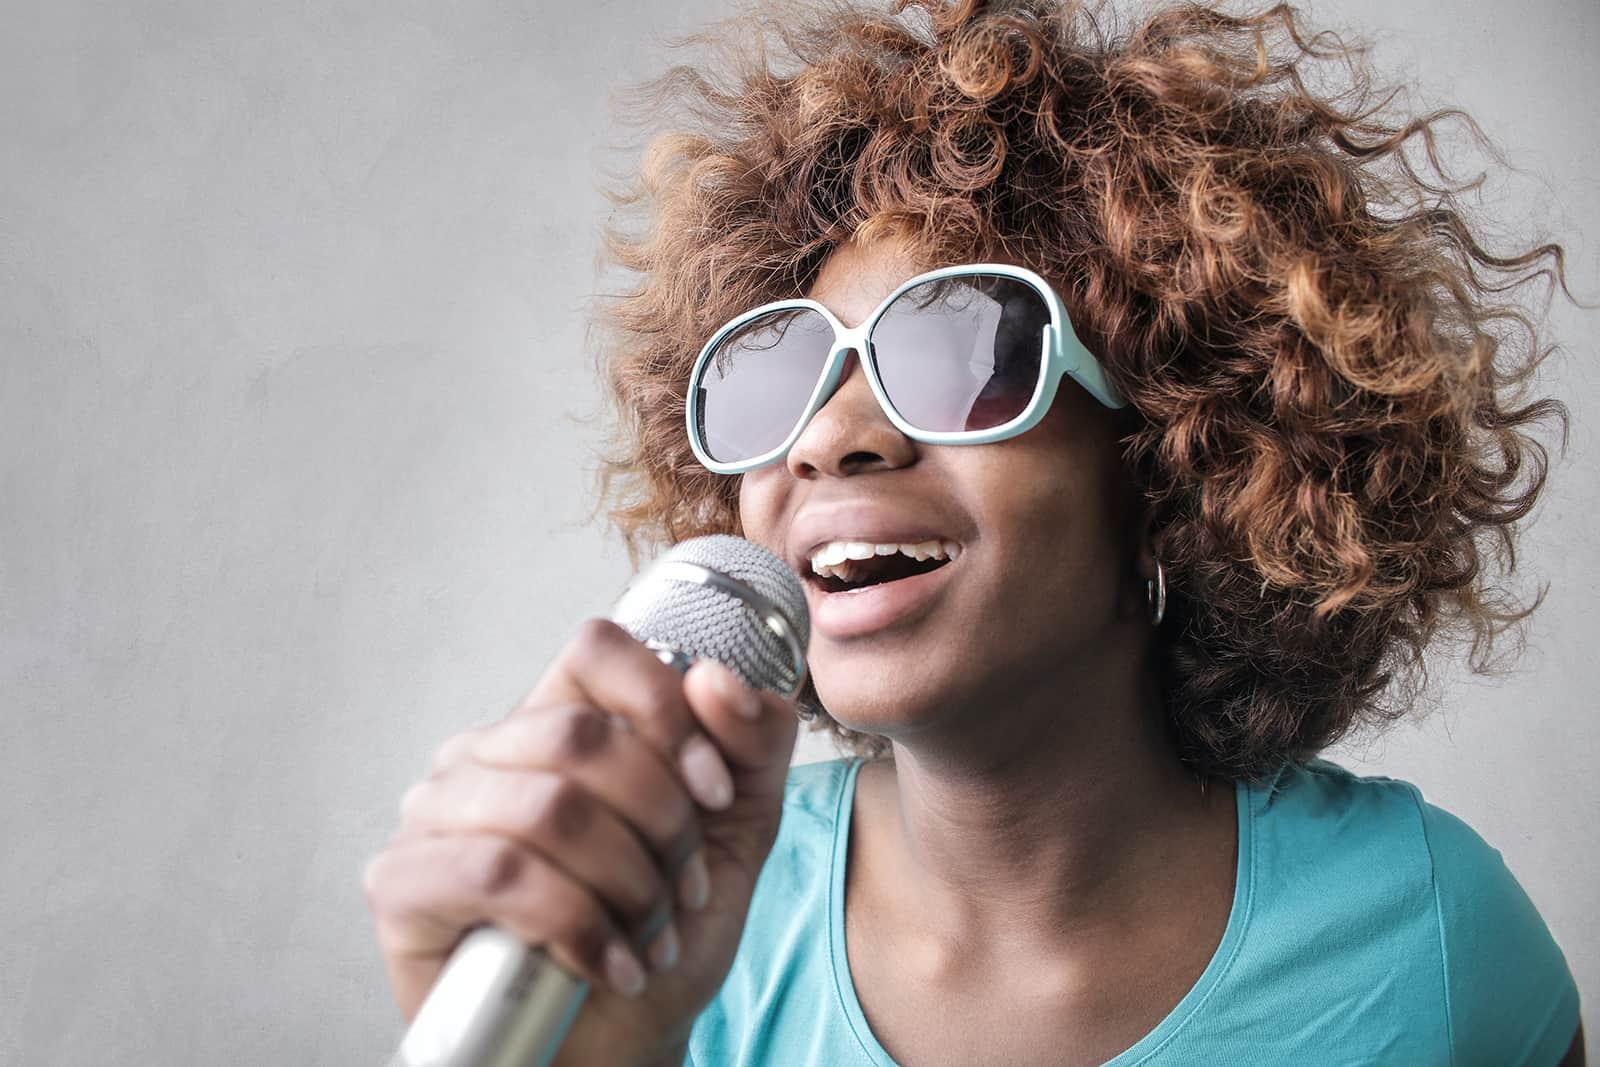 eine Frau, die ein Mikrofon hält und ein Lied singt